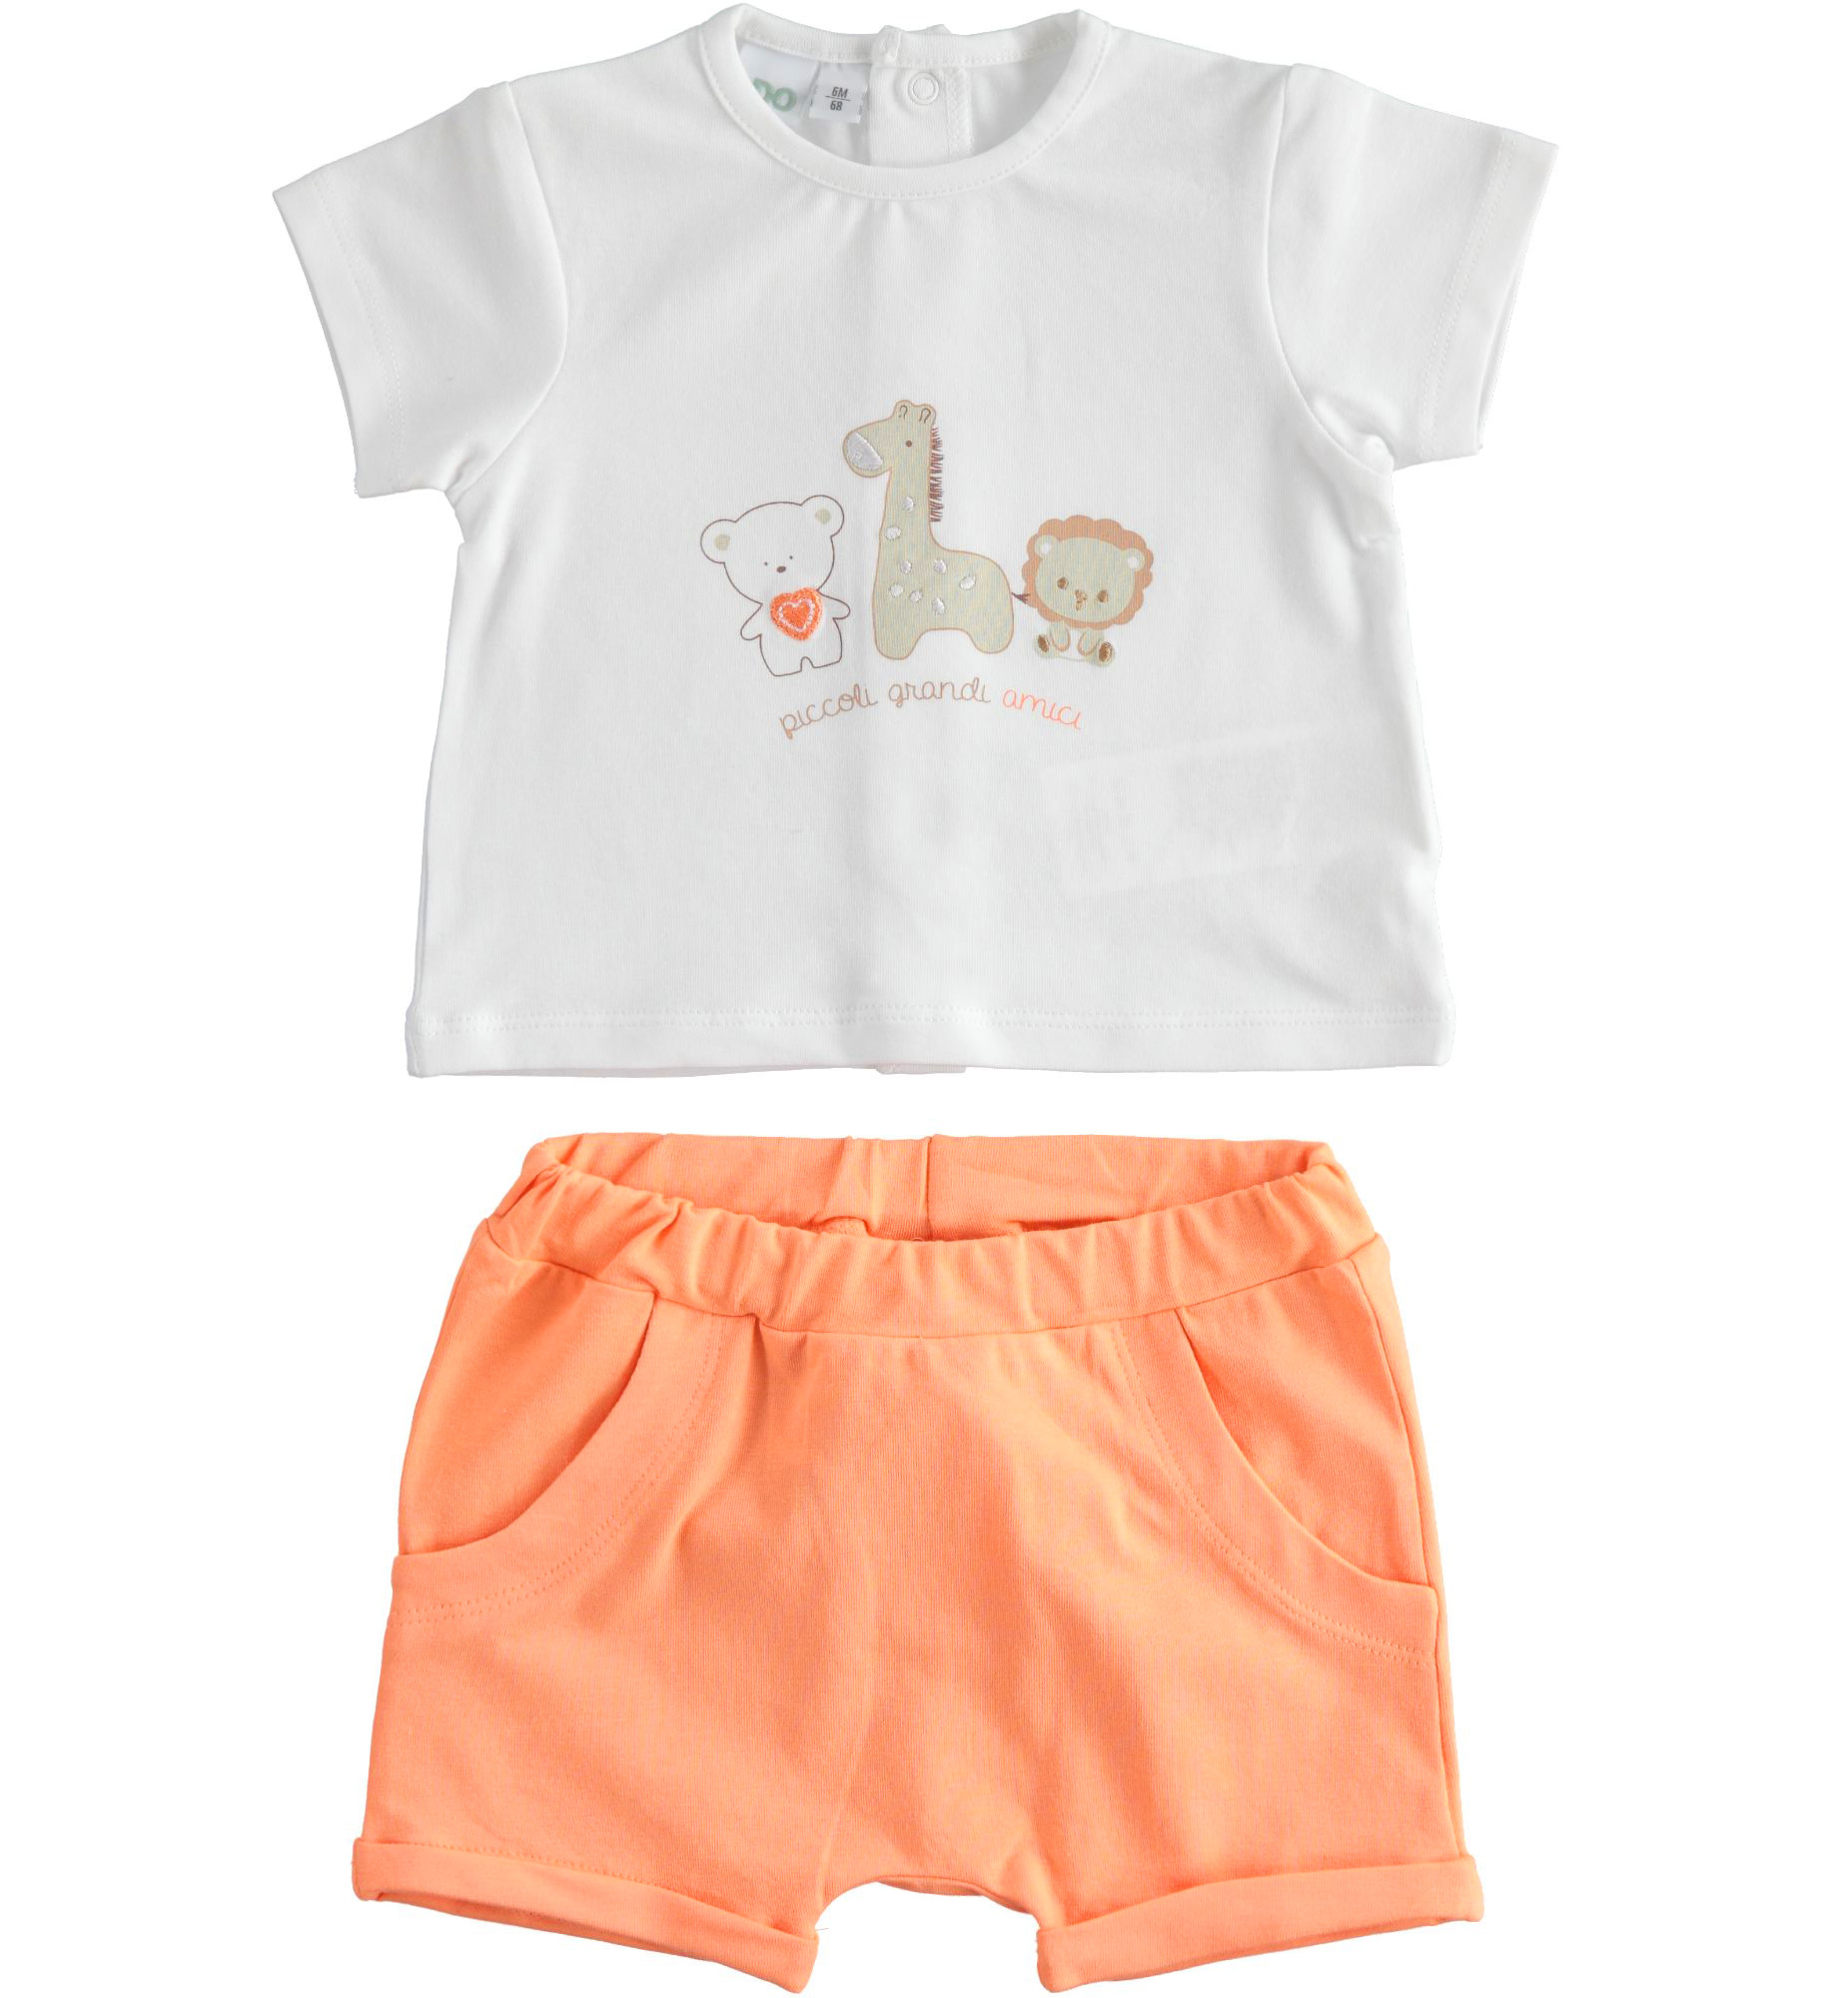 Újszülött narancssárga rövidnadrágos szett